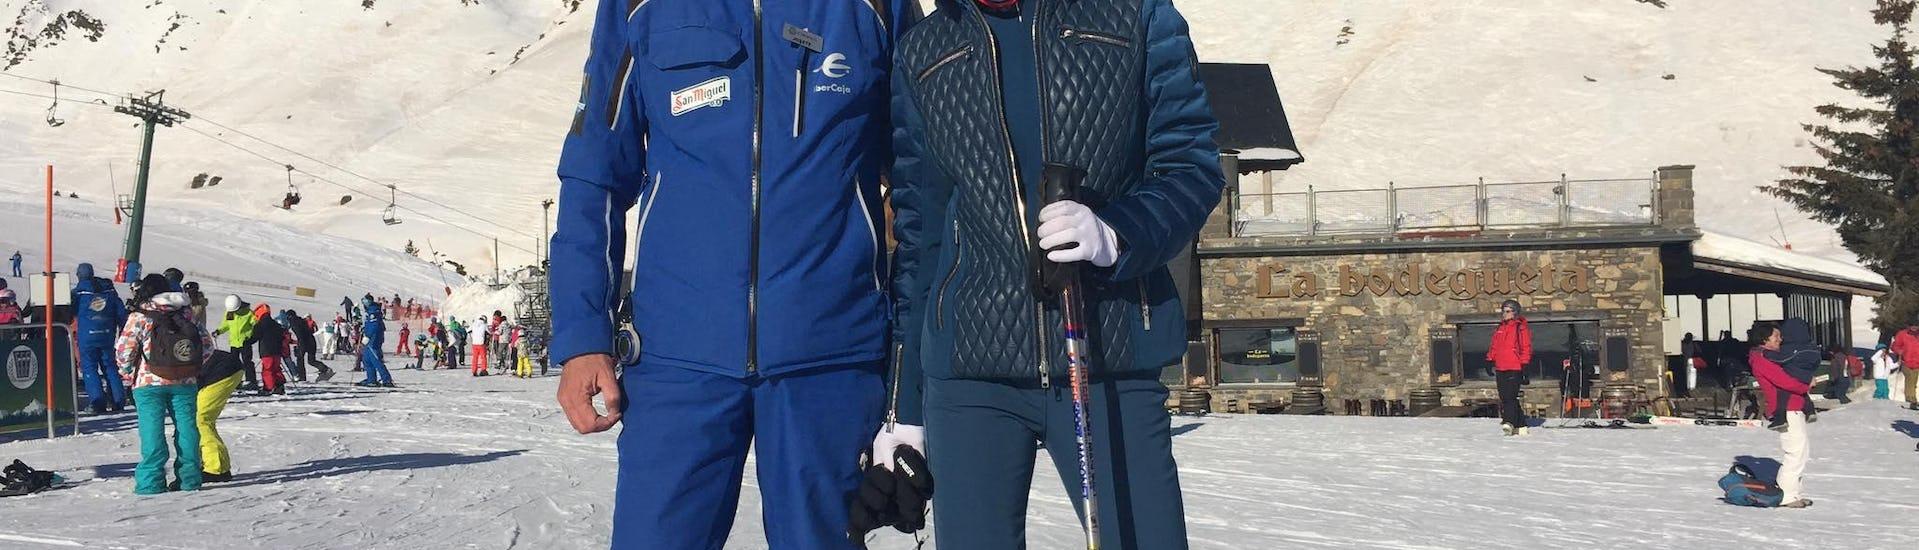 Skikurs für Erwachsene - Hochsaison - Alle Levels